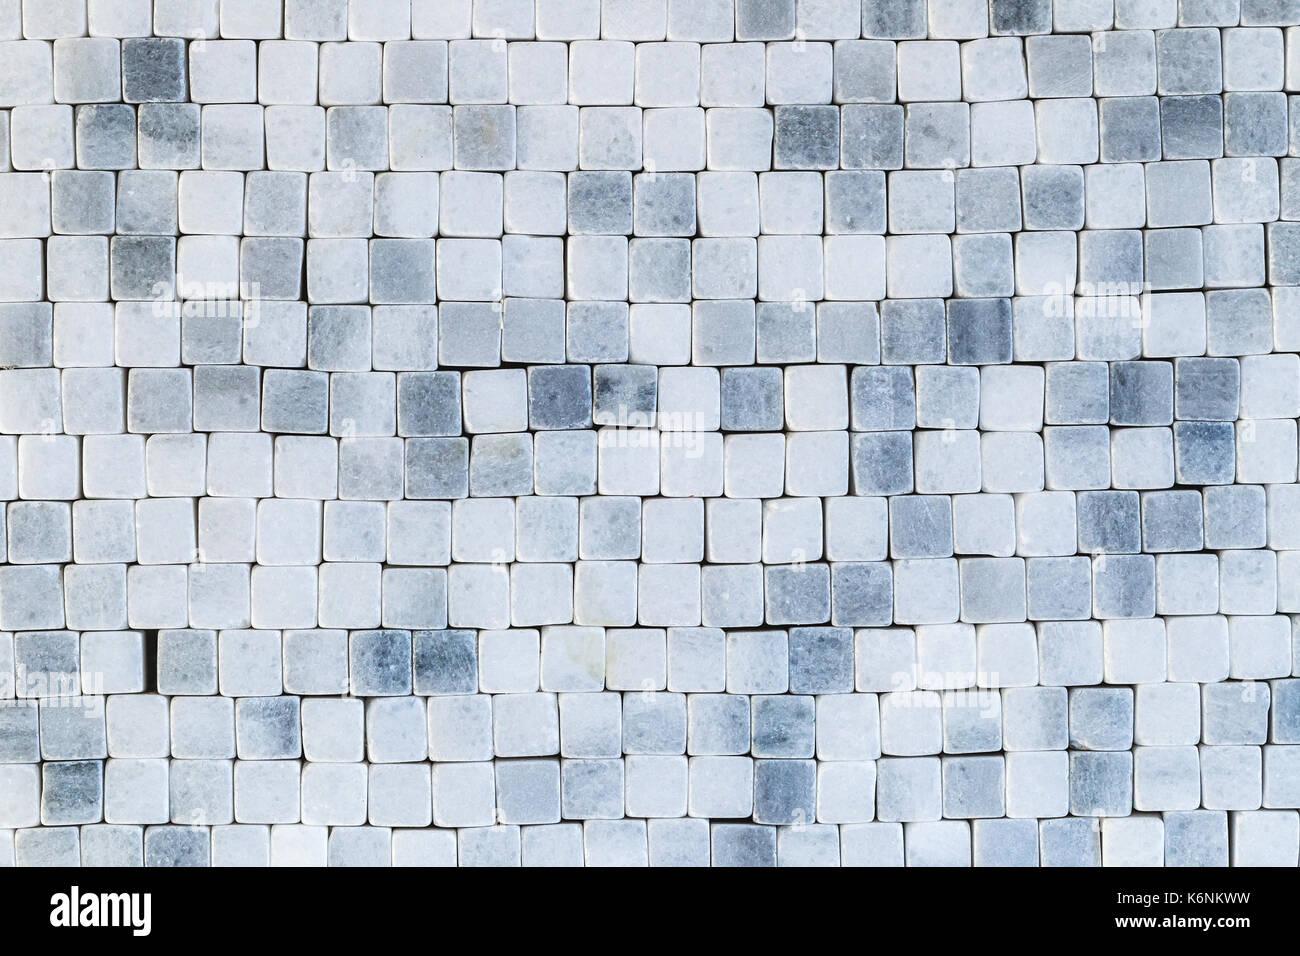 Blu mosaico astratto parete piastrelle per pavimento foto